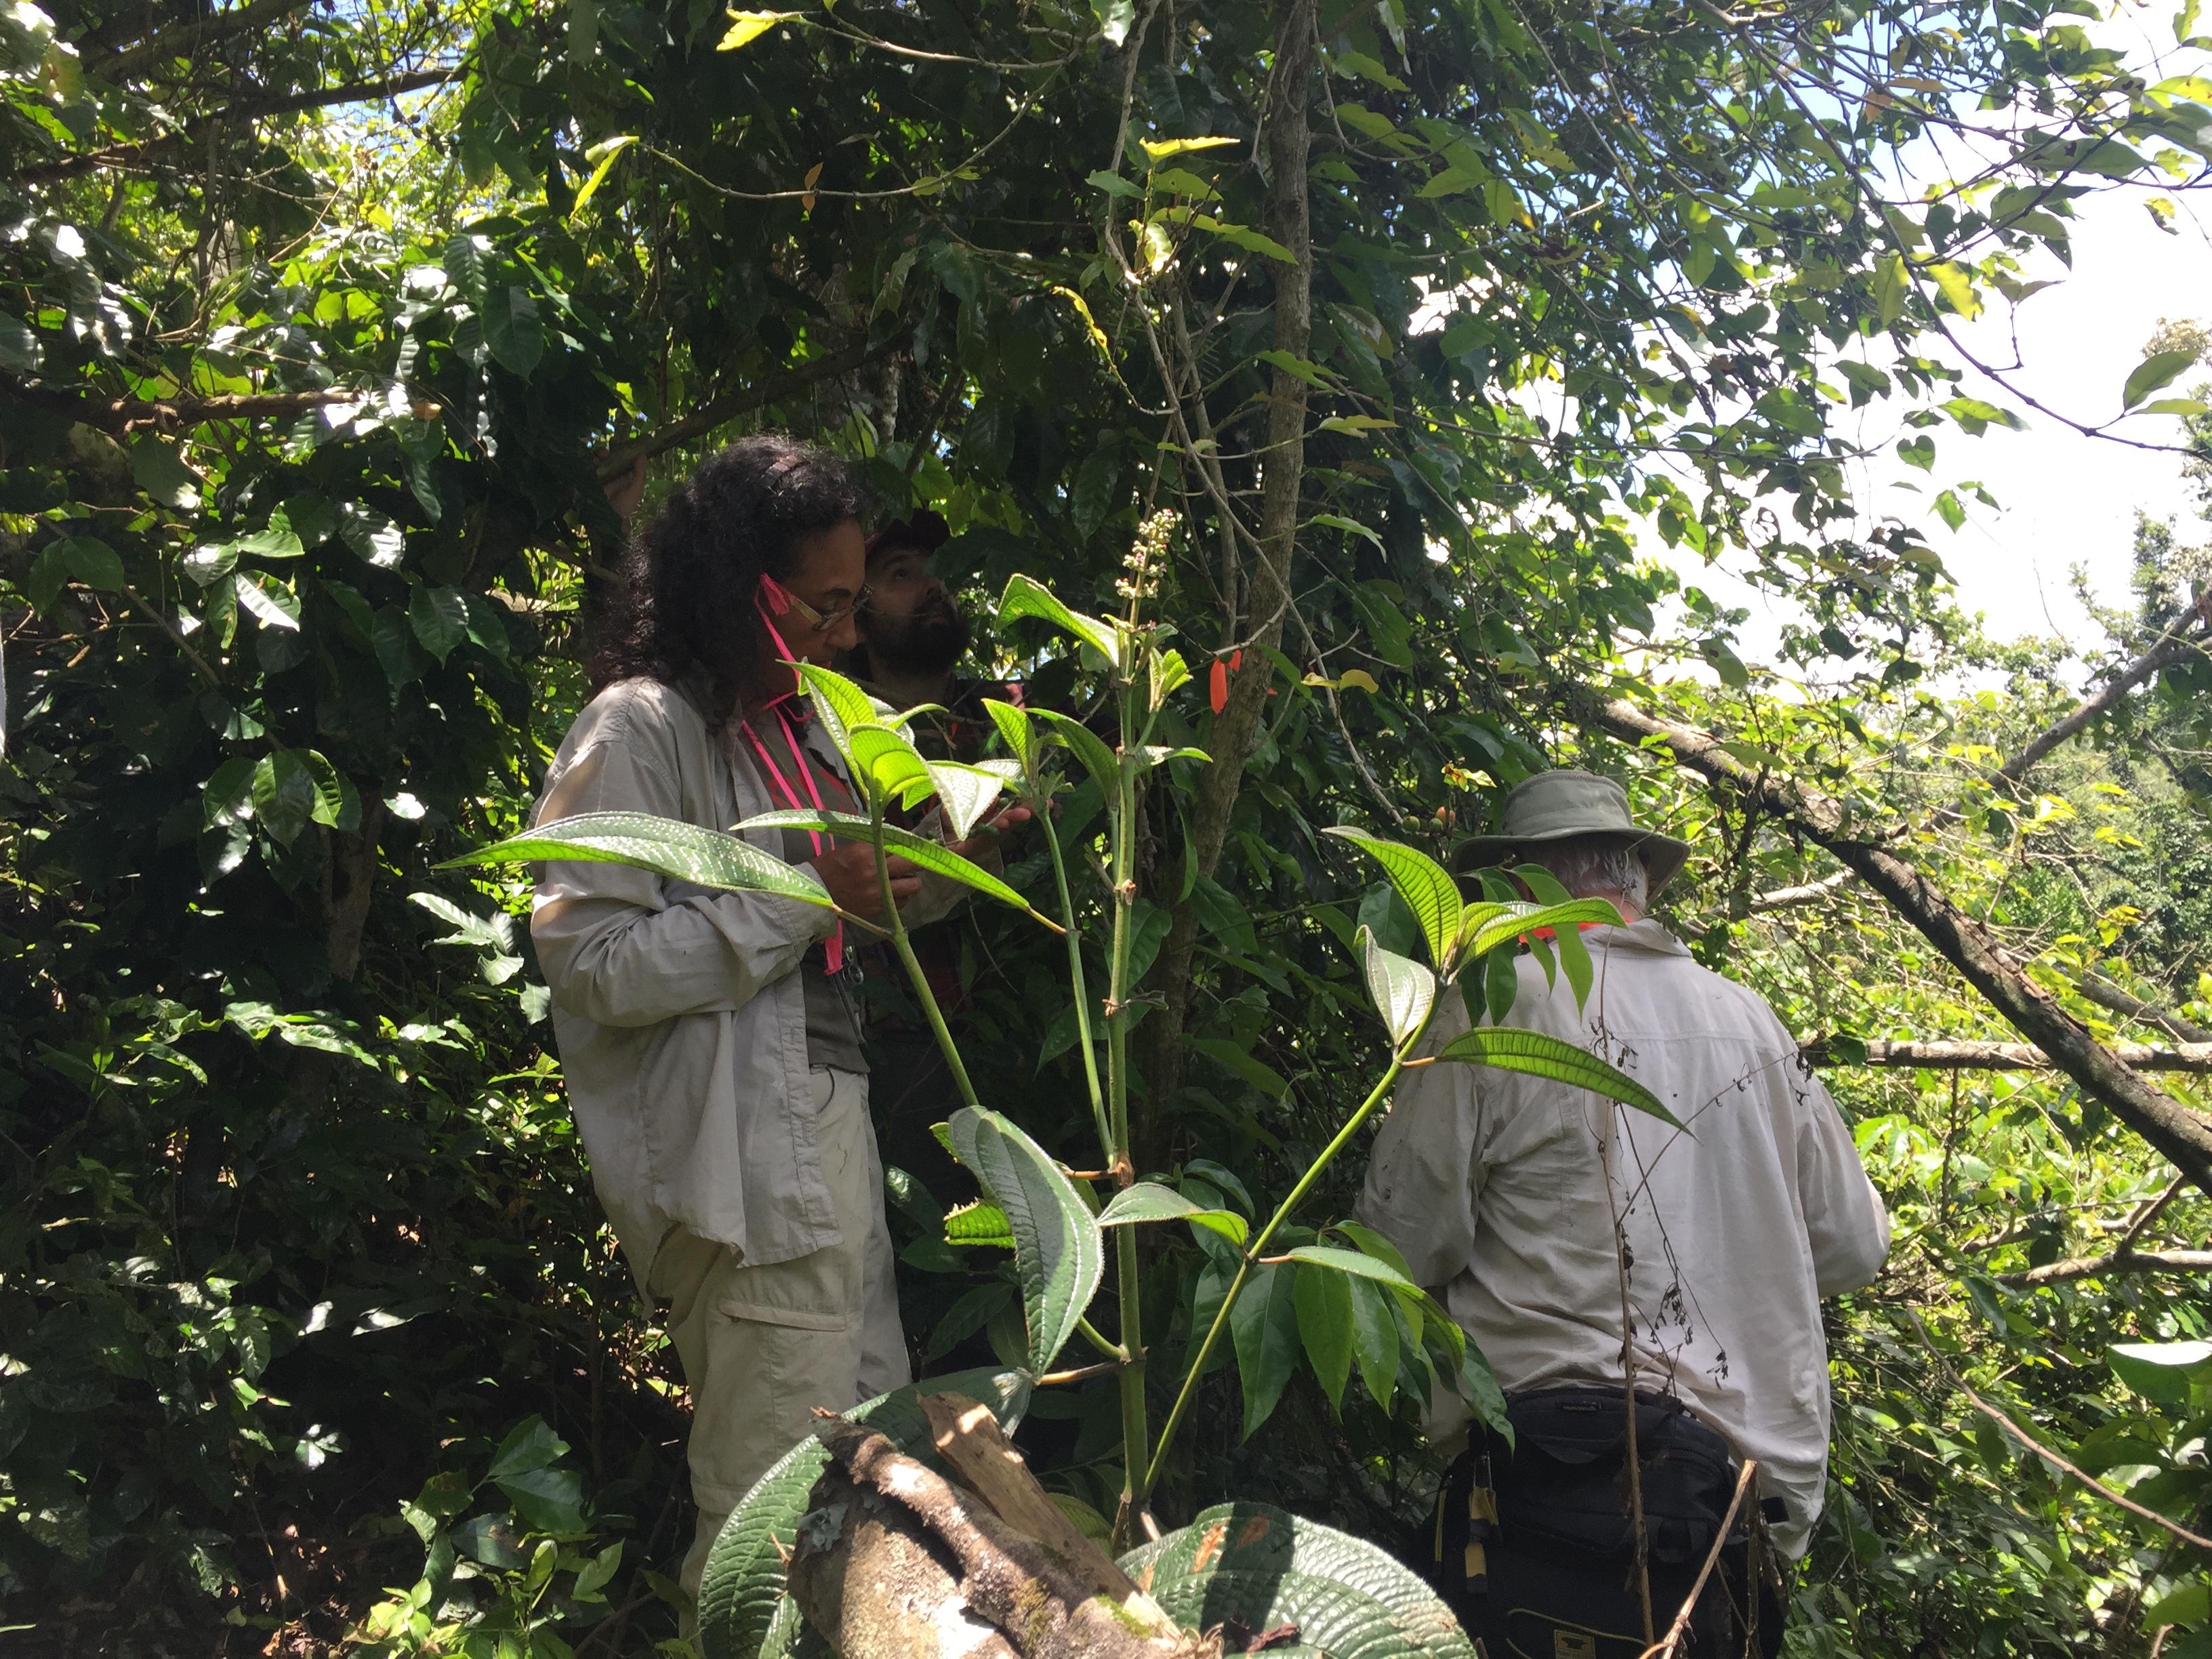 Los profesores de U-M Ivette Perfecto y John Vandermeer estudian una finca de café cerca de Utuado, Puerto Rico, como parte de su proyecto para evaluar la biodiversidad de las fincas de café que funcionan dentro del bosque modelo de Puerto Rico. Su estudio también analiza la resistencia y la resistencia de las fincas de café después de los huracanes. El estudiante de doctorado Zachary Hajian-Forooshani se puede ver en la parte posterior. Crédito de foto: Nardy Baeza Bickel.